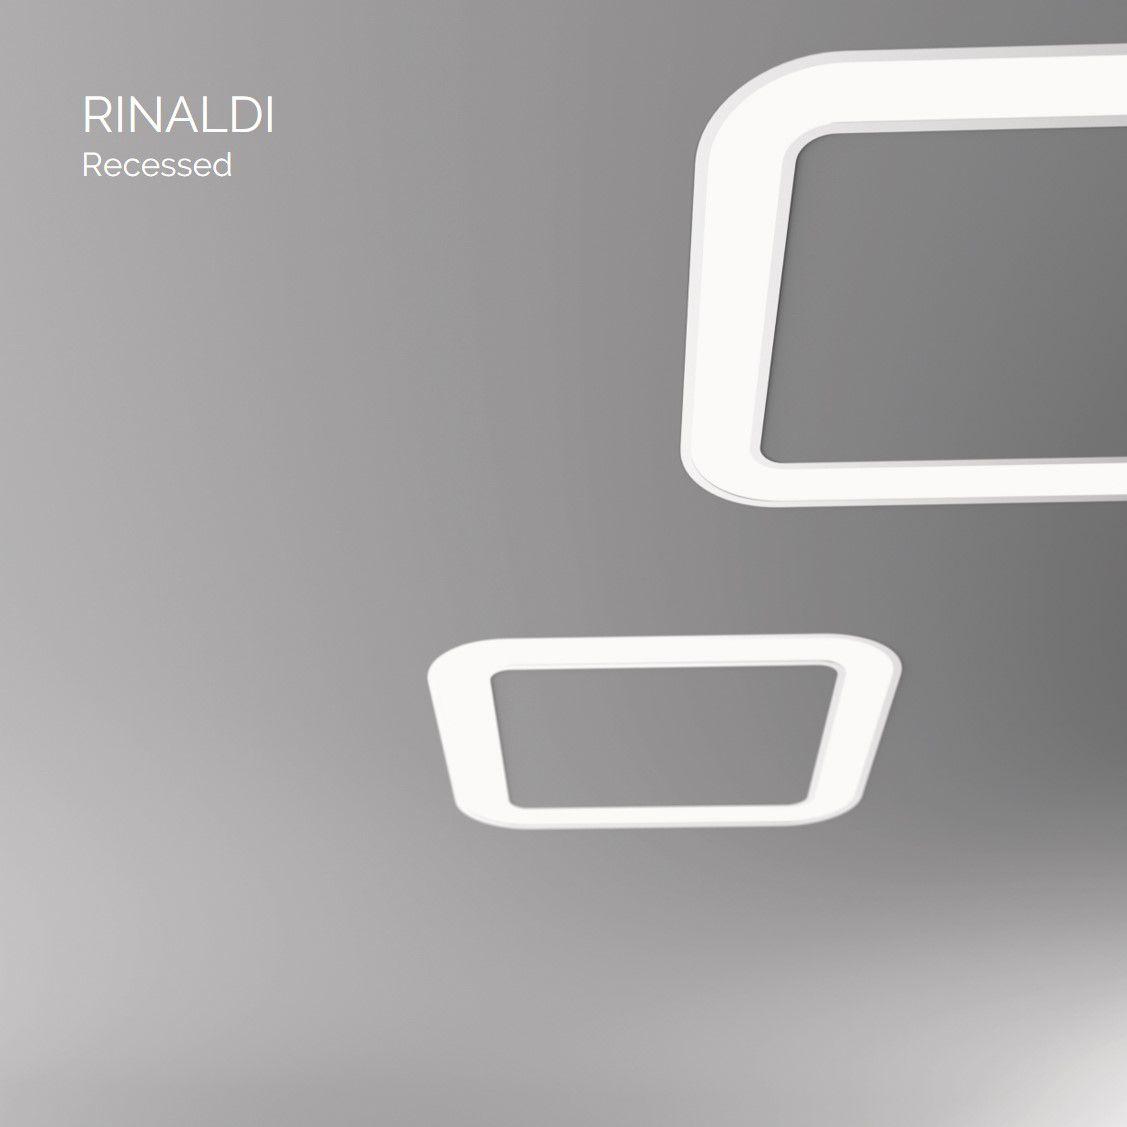 rinaldi inbouw armatuur vierkant 1200mm 4000k 8782lm 105w fix